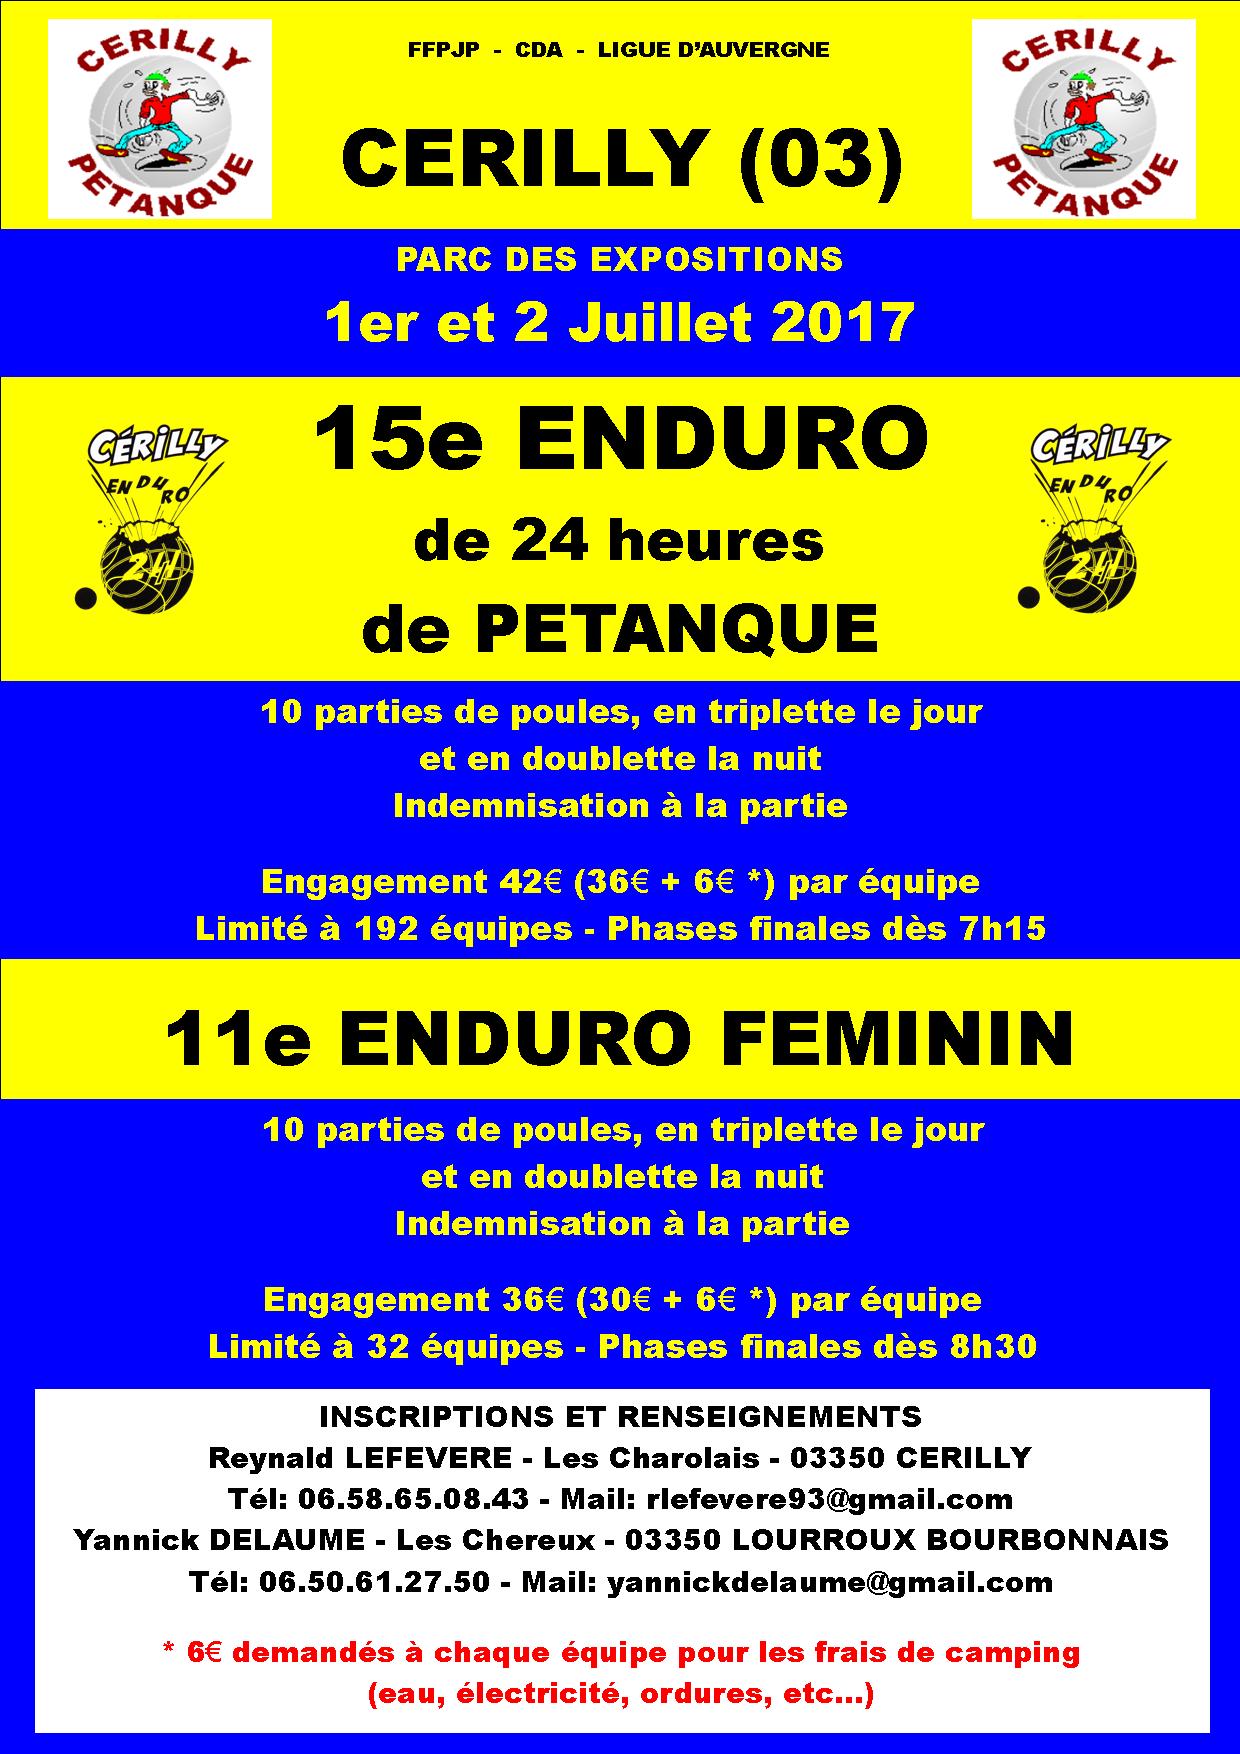 ENDURO 2017